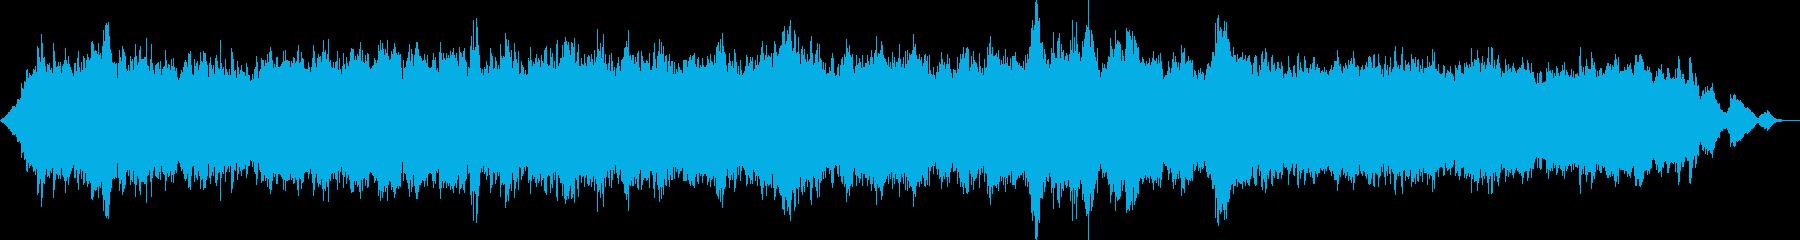 ラウドでミニマルなホラーアンビエントの再生済みの波形